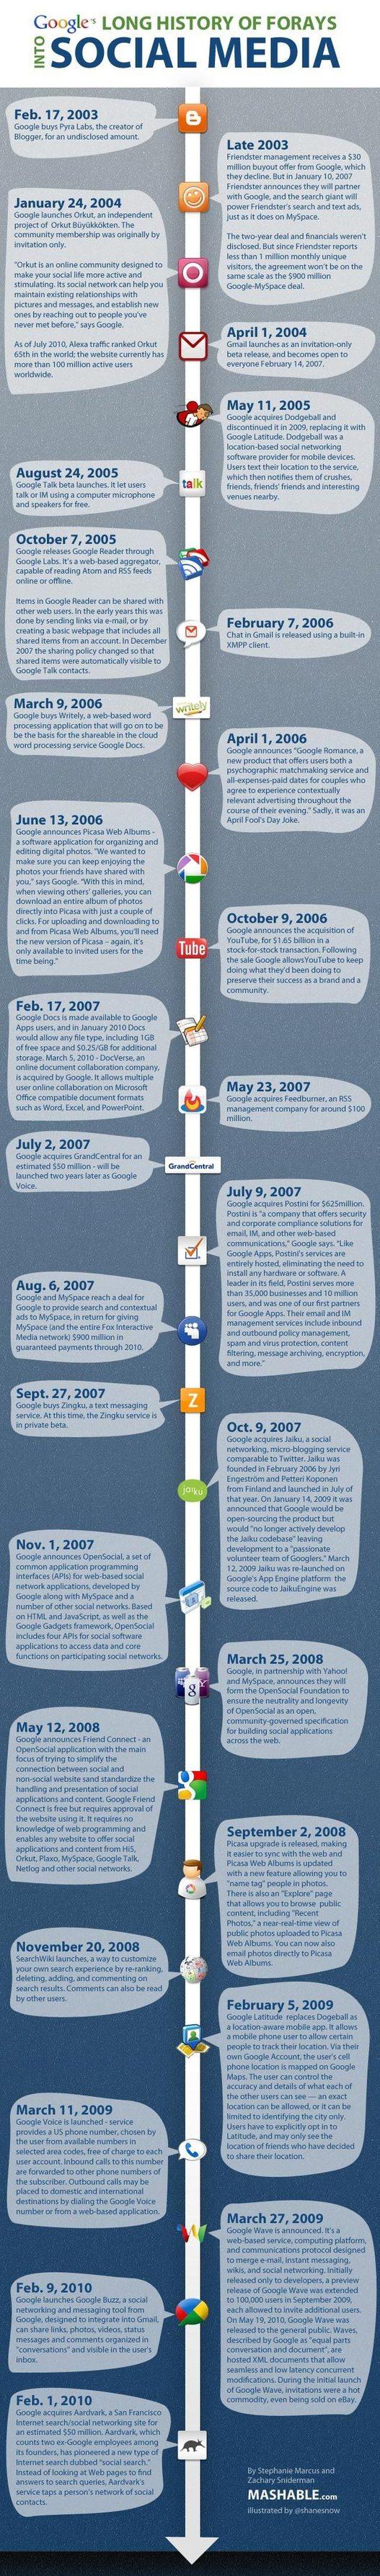 Les tentatives de Google dans les médias sociaux ( en 1 image )